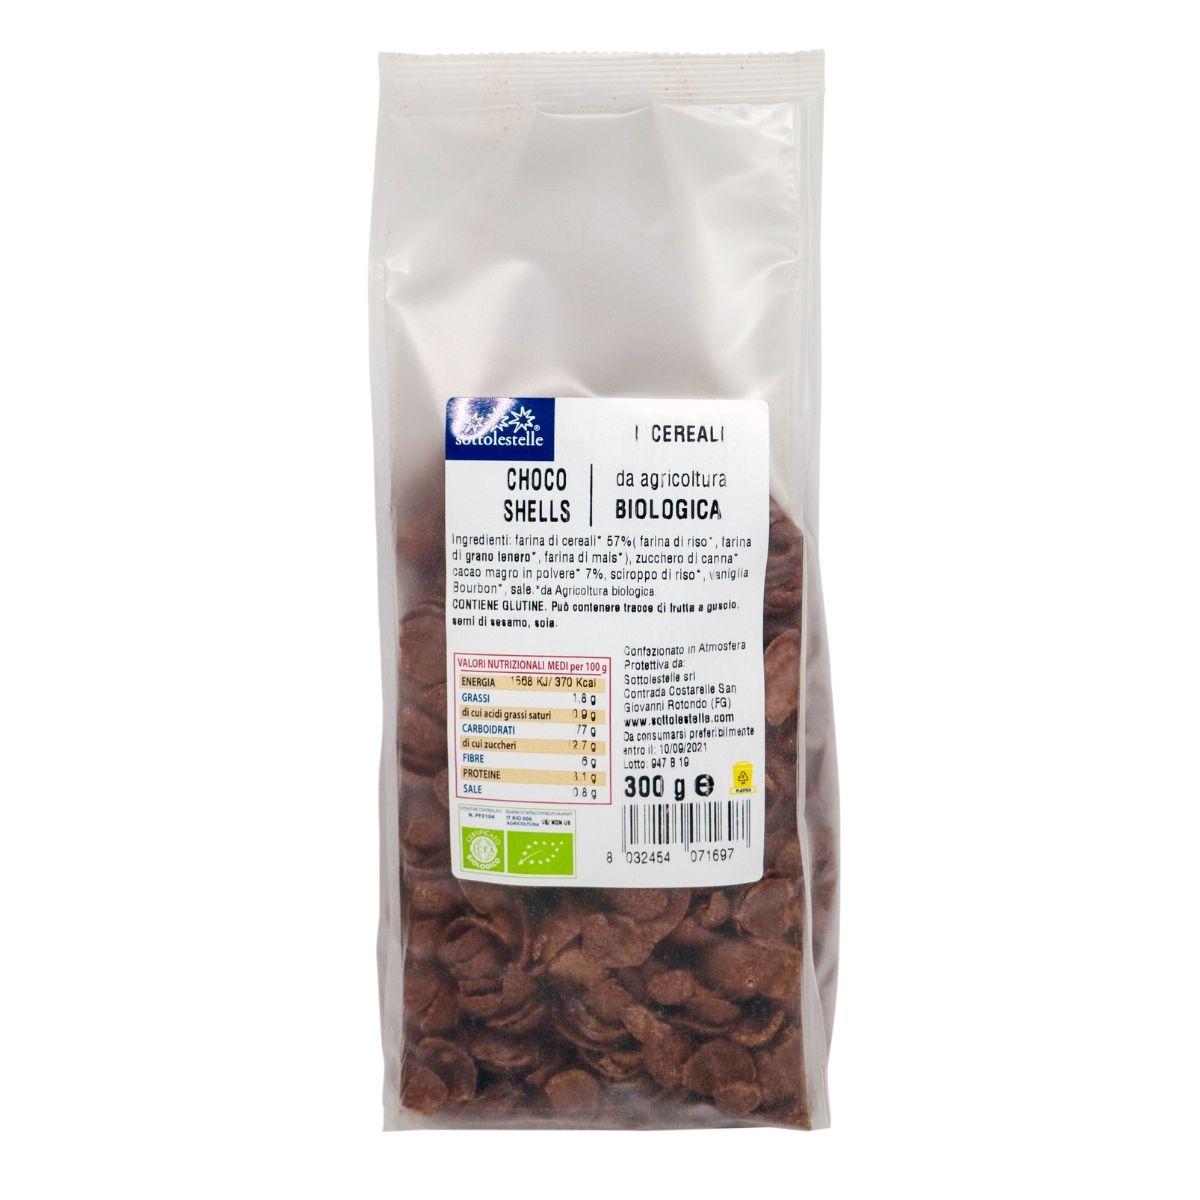 8032454071697 C Ngũ cốc hữu cơ socola dạng mảnh Sotto 300g - Choco Shells